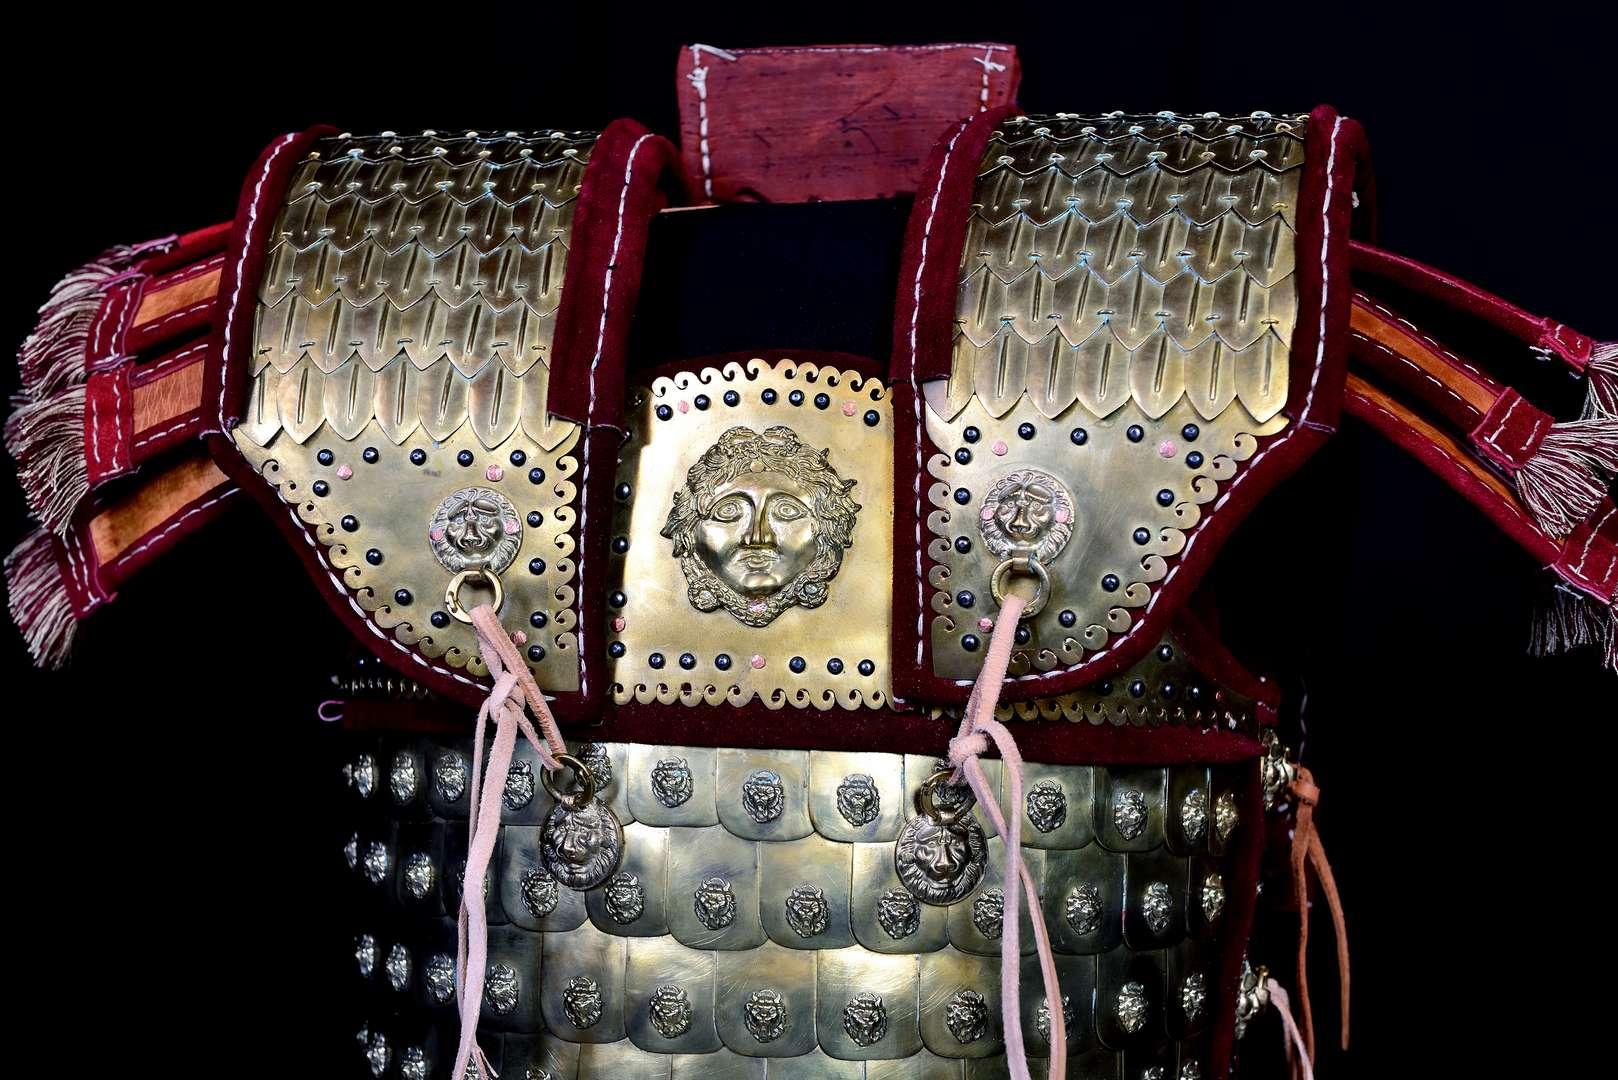 Λινοθώρακας του Μεγάλου Αλεξάνδρου (Β εκδοχή)